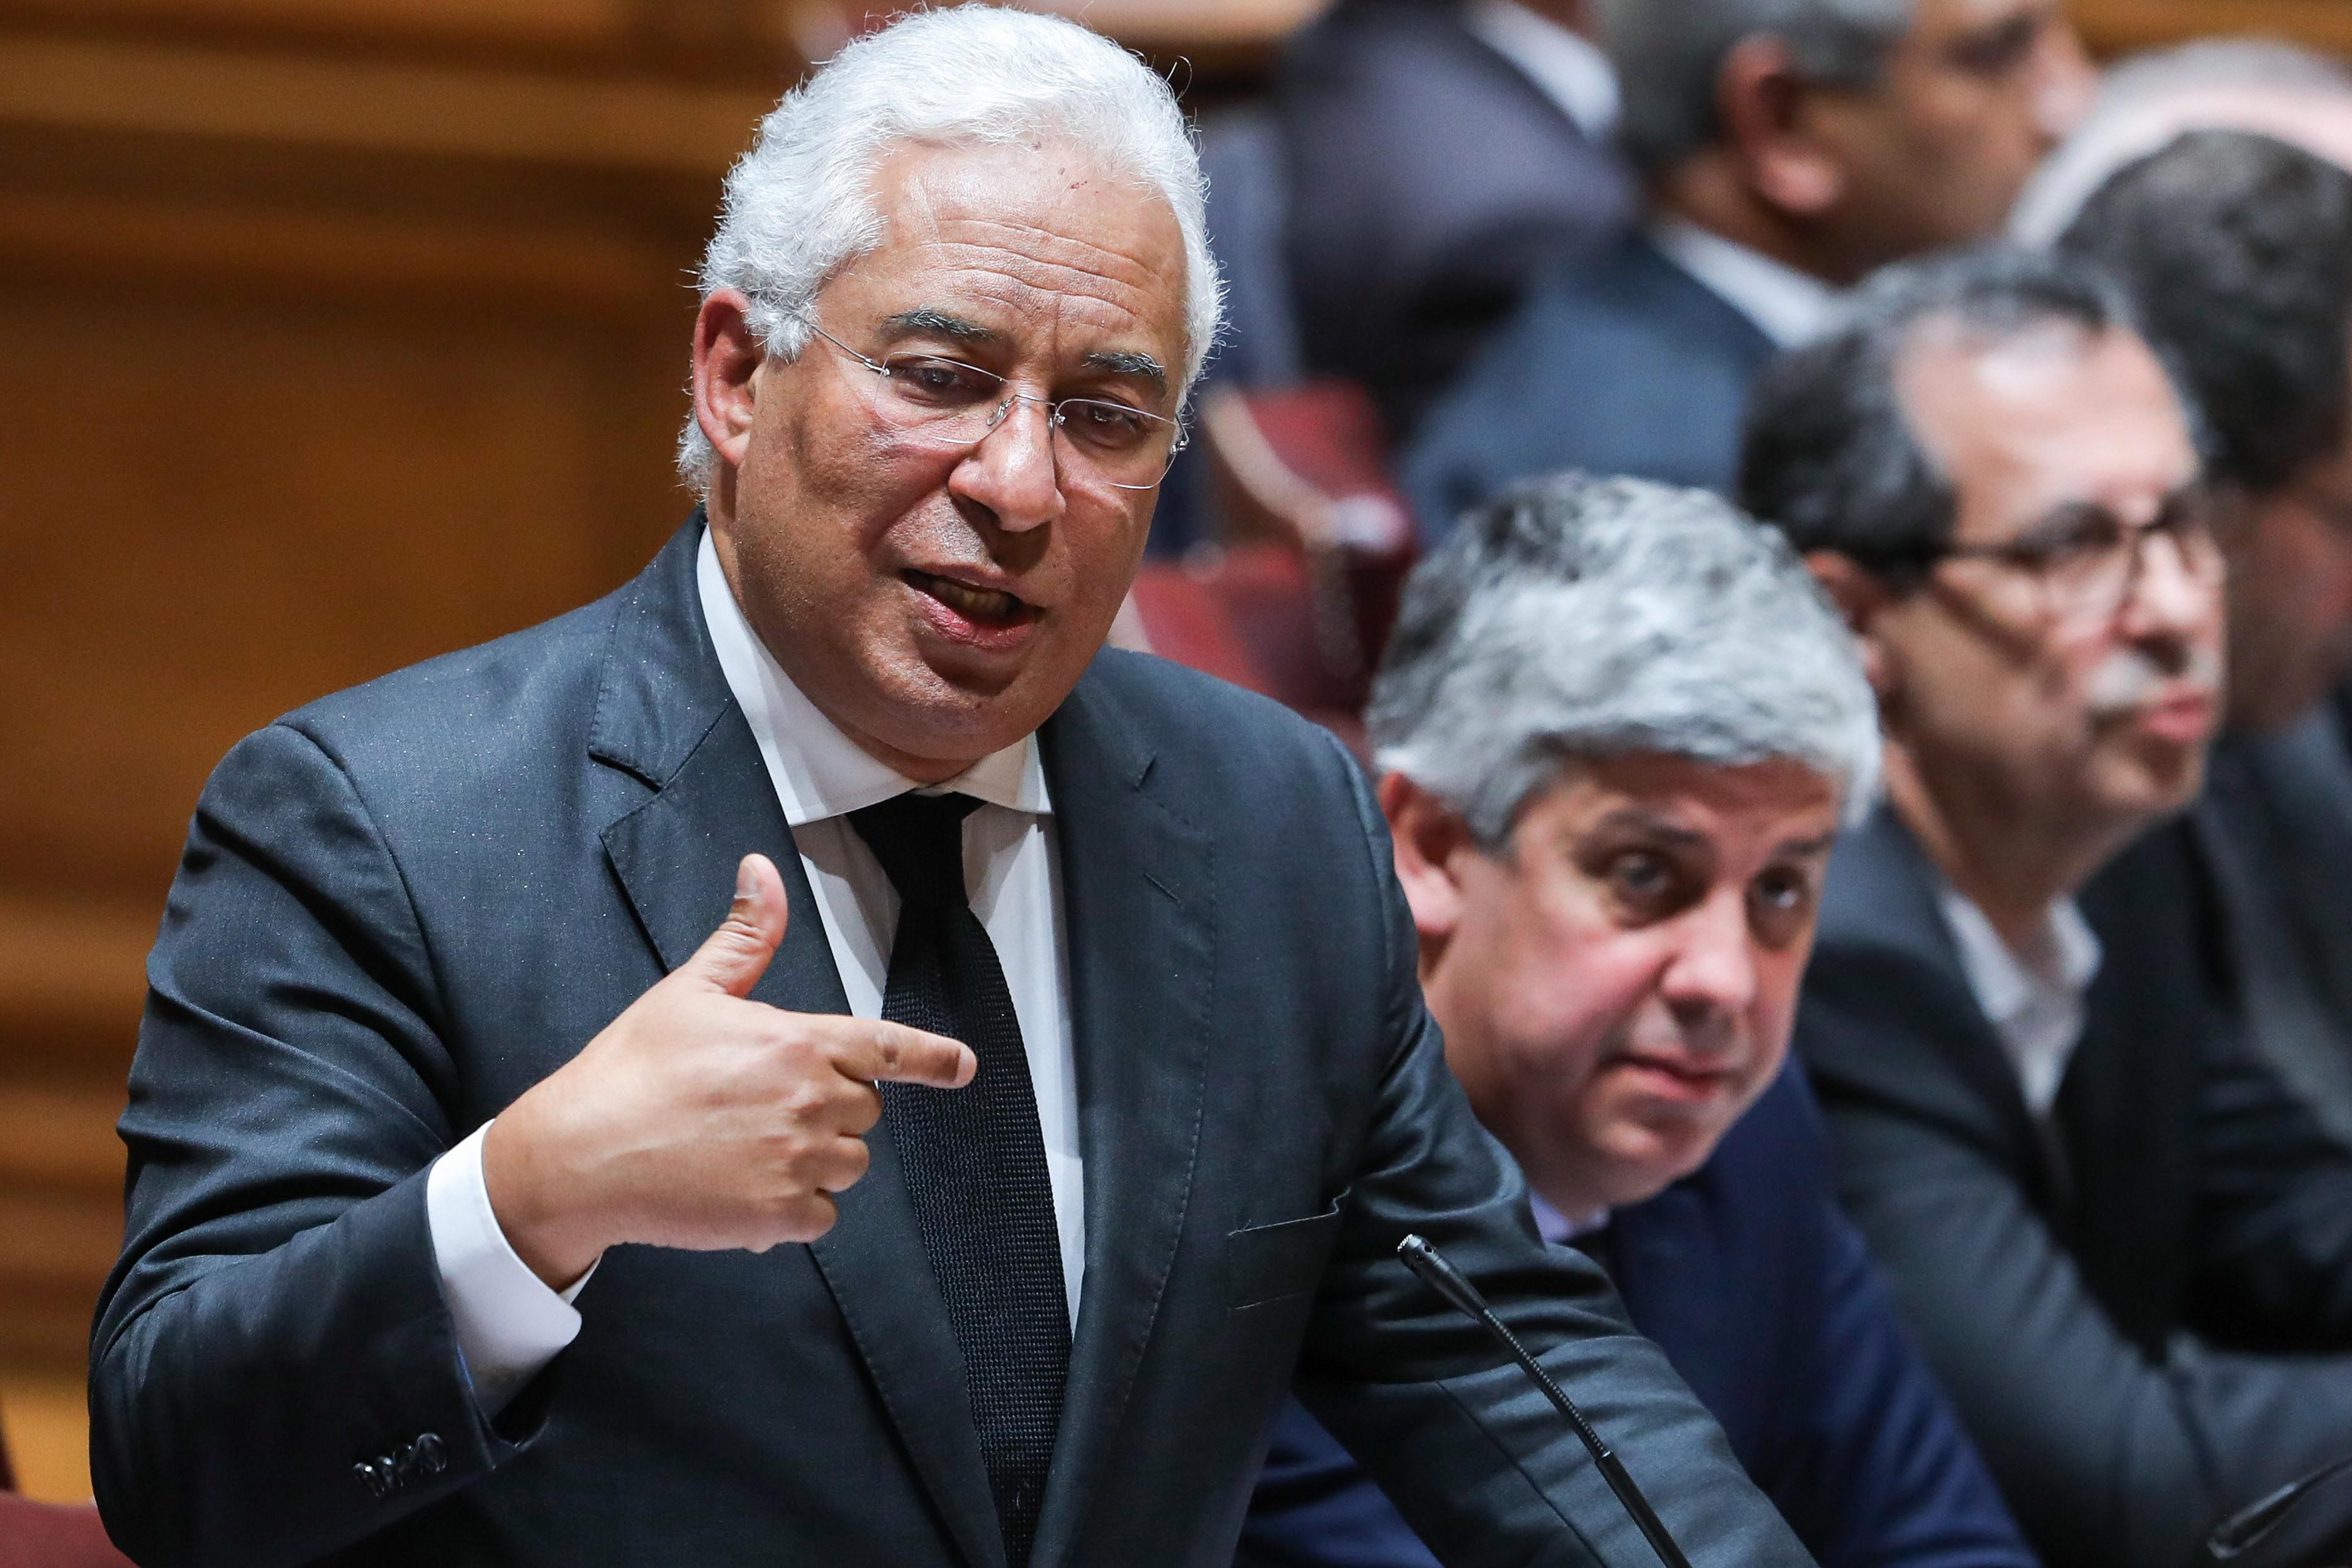 Costa espera que atrasos nas pensões estejam resolvidos até junho